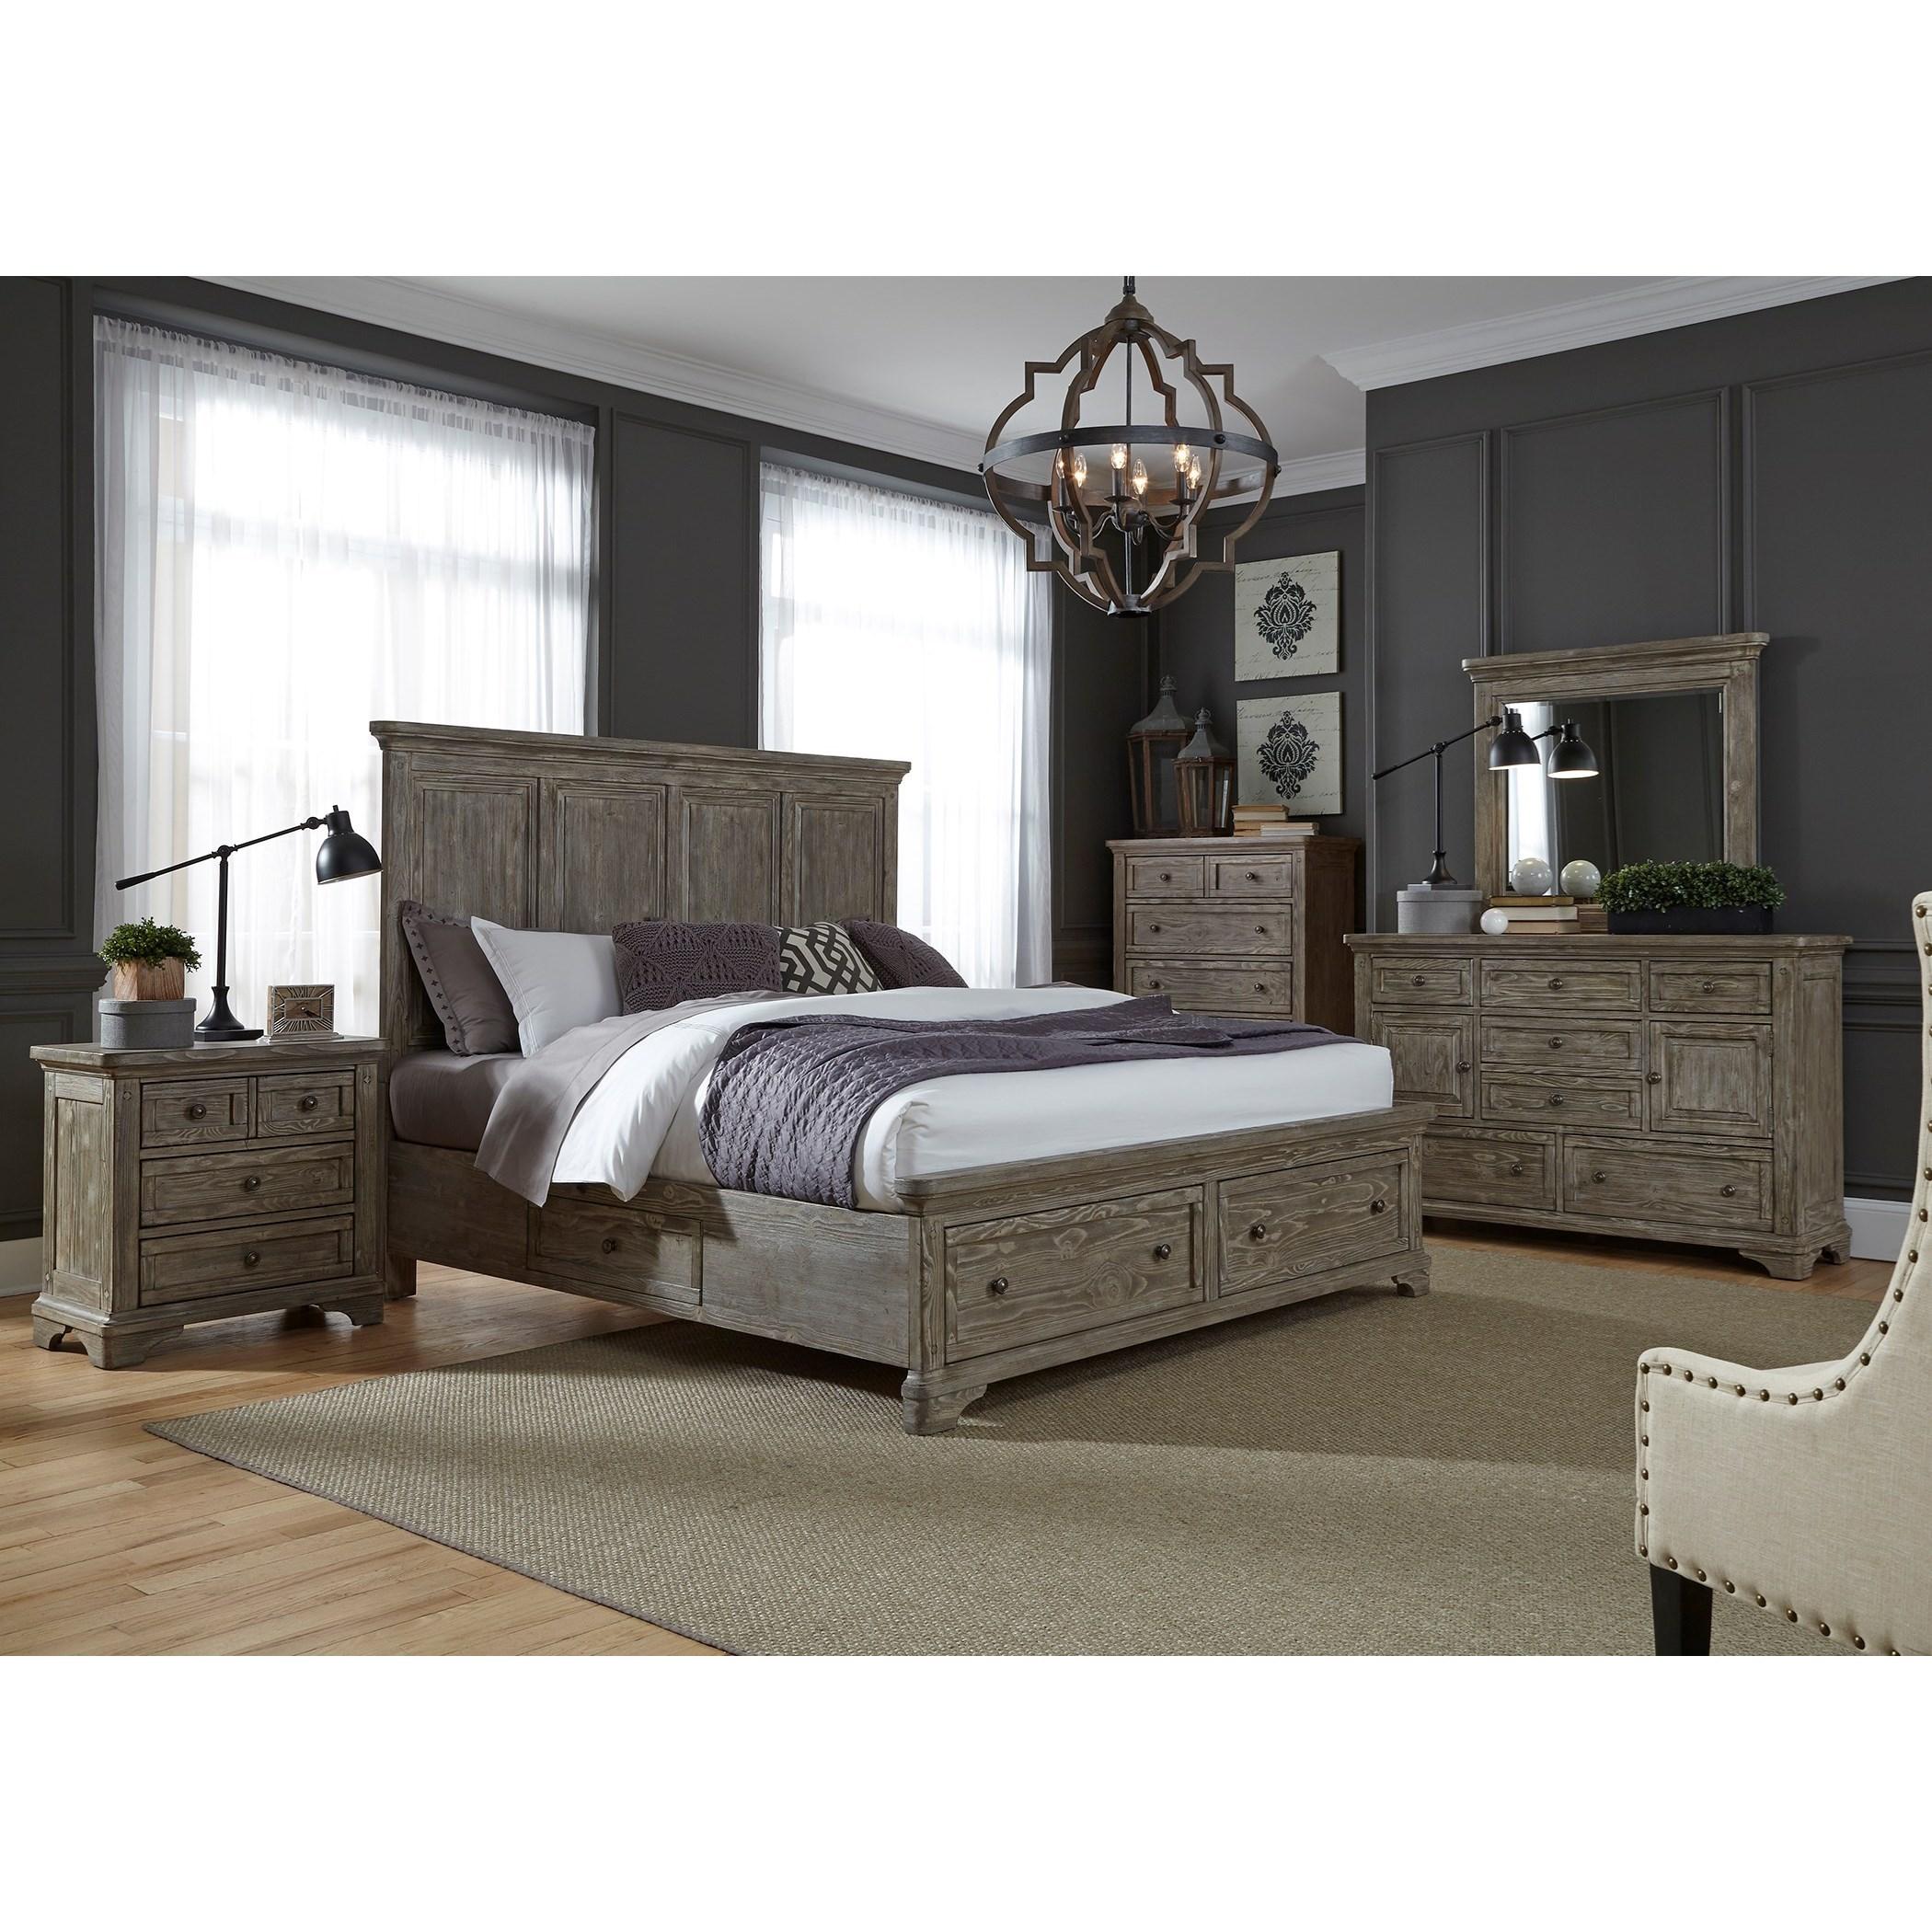 Liberty furniture highlands 727 br k2sdmcn king bedroom for Bedroom groups